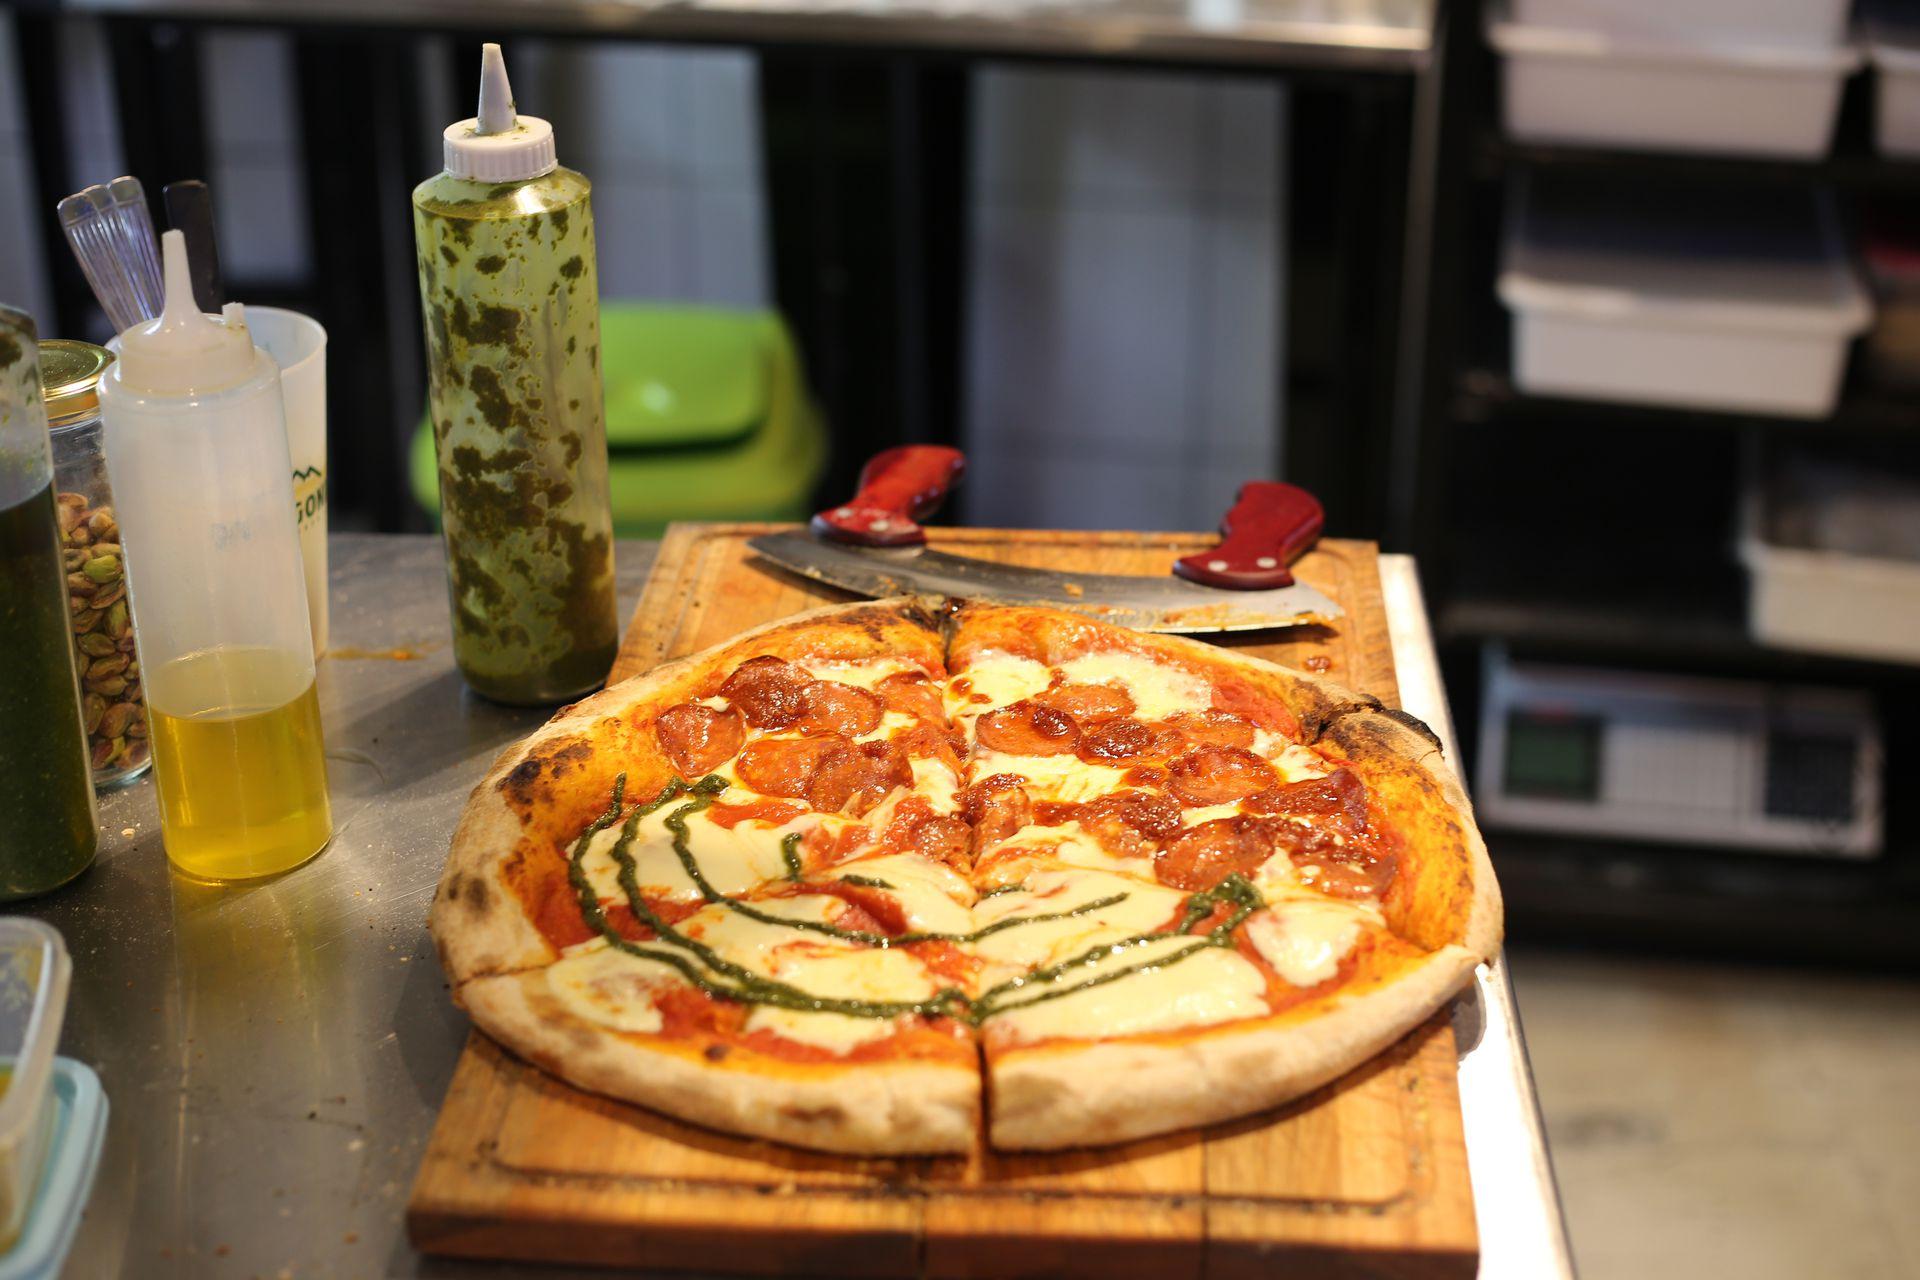 Piccantino seduce con sus pizzas estilo napolitano y romano hechas con masa madre y harina orgánica.